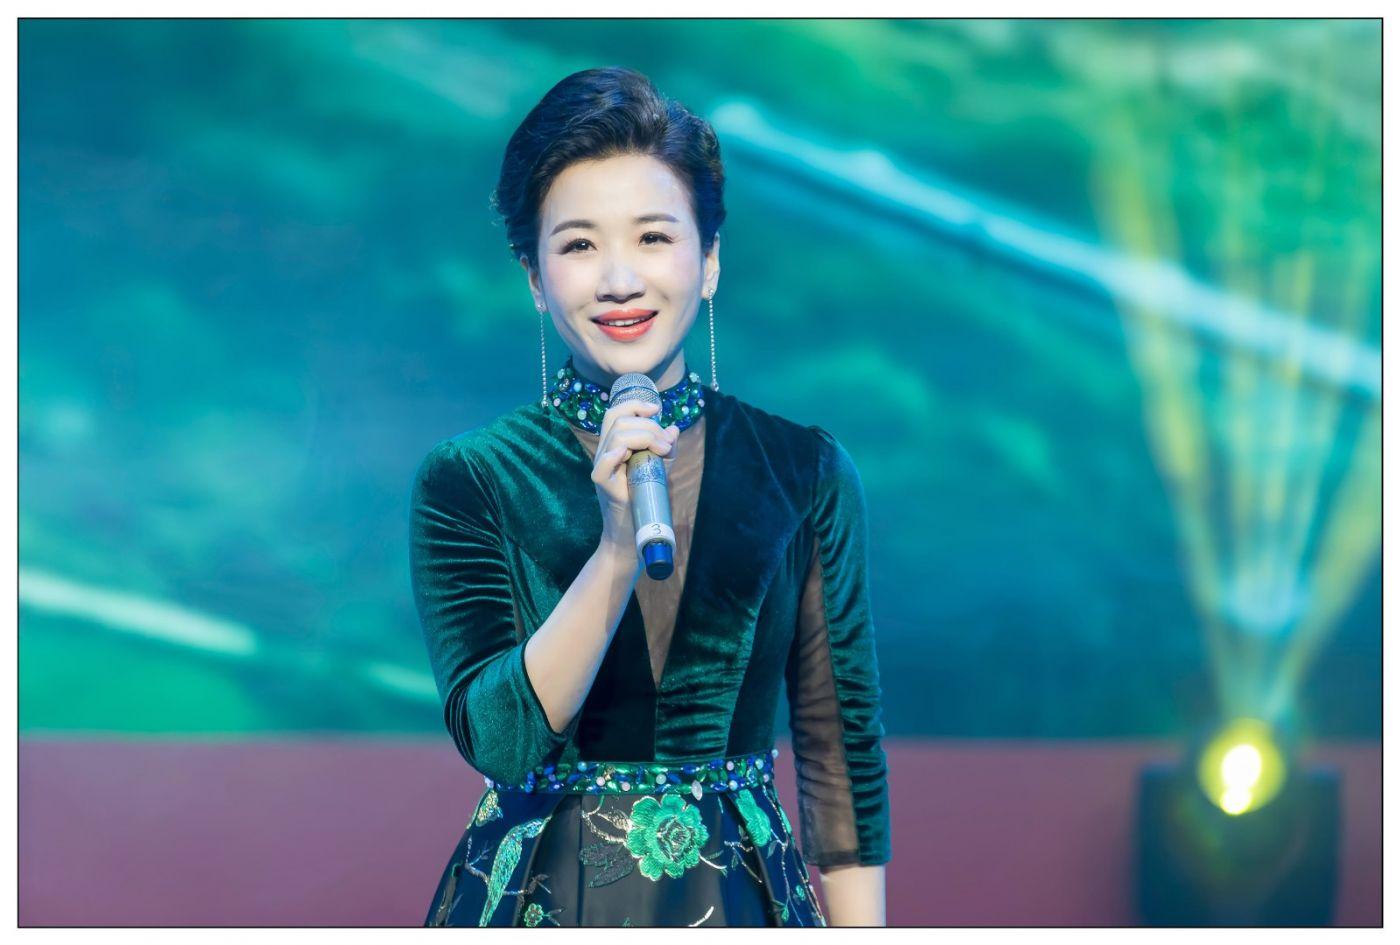 又见星光大道冠军歌手张海军 1月26央视播出 将自己唱哭的歌手 ..._图1-19